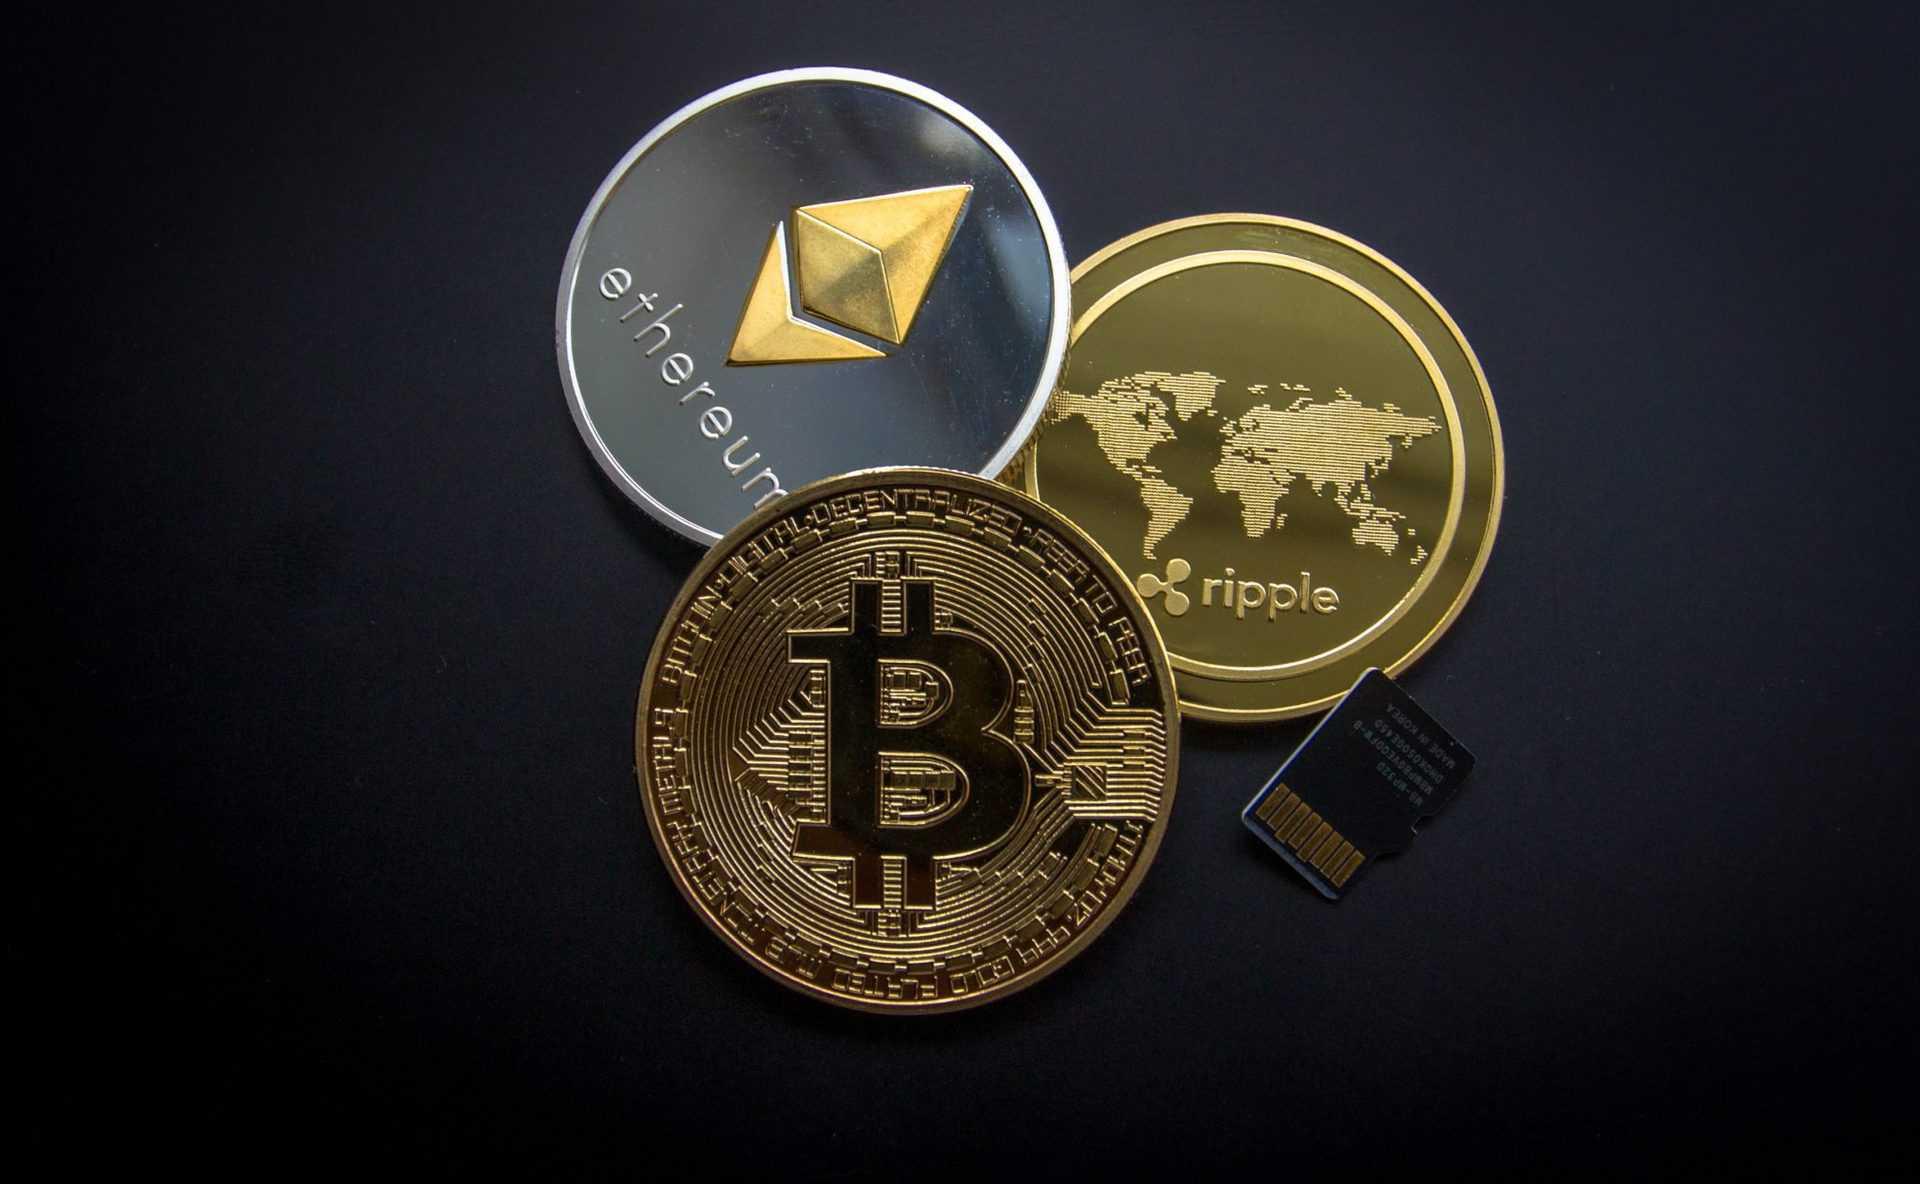 Warum sind Krypto- währungen wie Bitcoin so volatil?